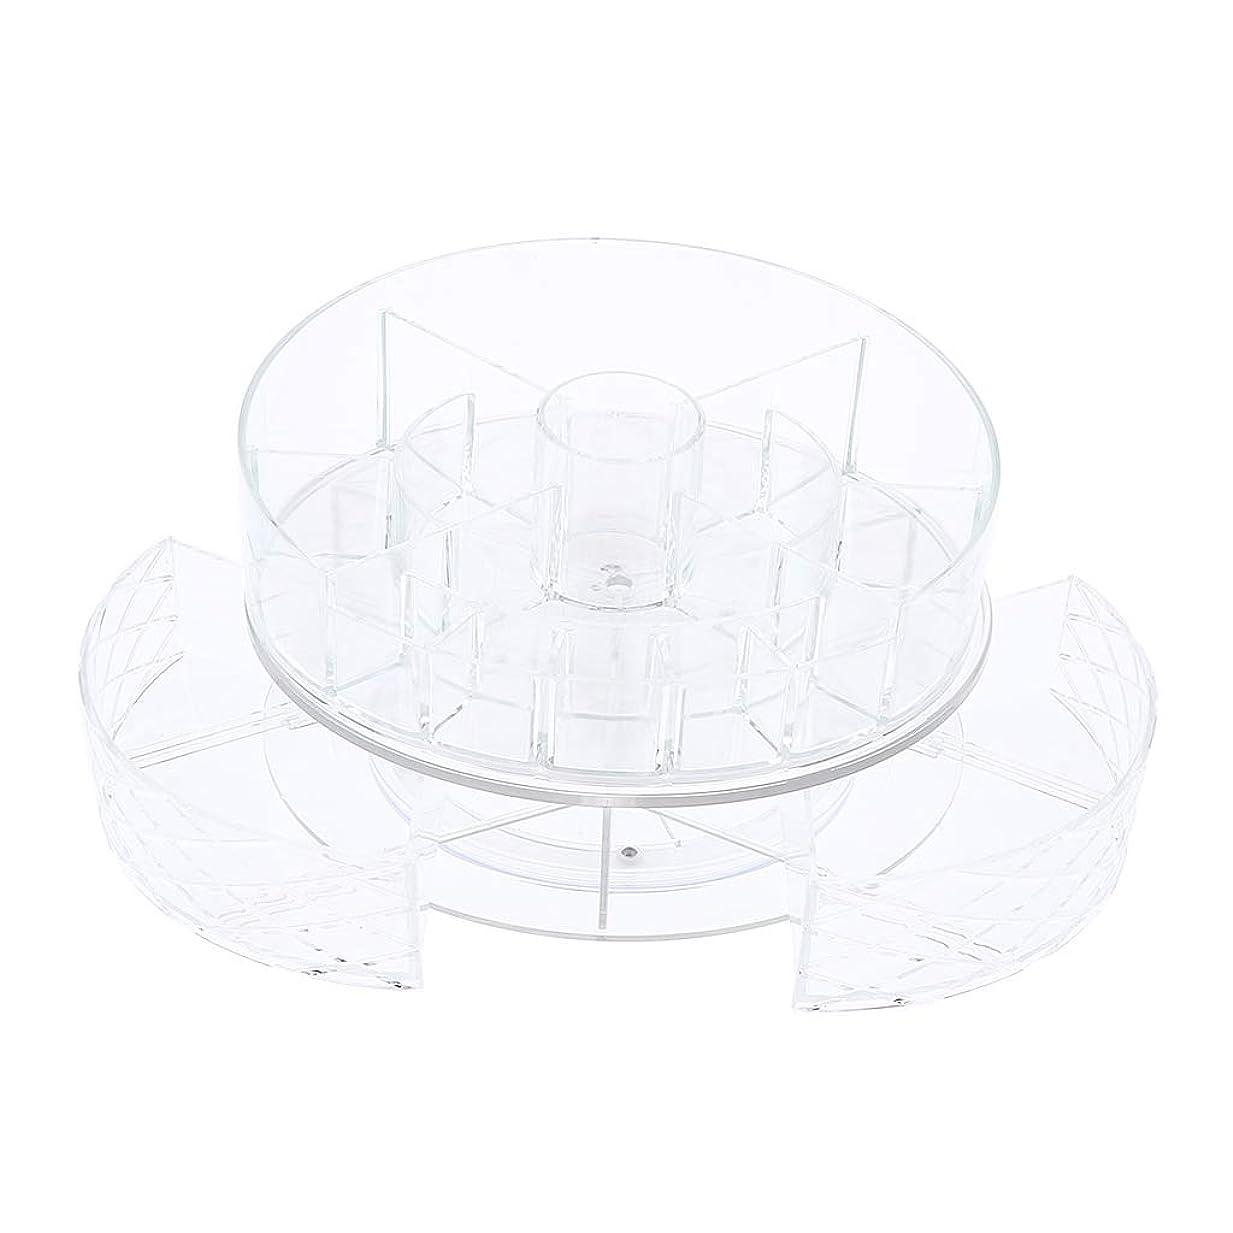 免除するお祝いママToygogo 360度回転化粧品収納ラック 化粧品収納ボックス コスメボックス 大容量 化粧品ケース - #2